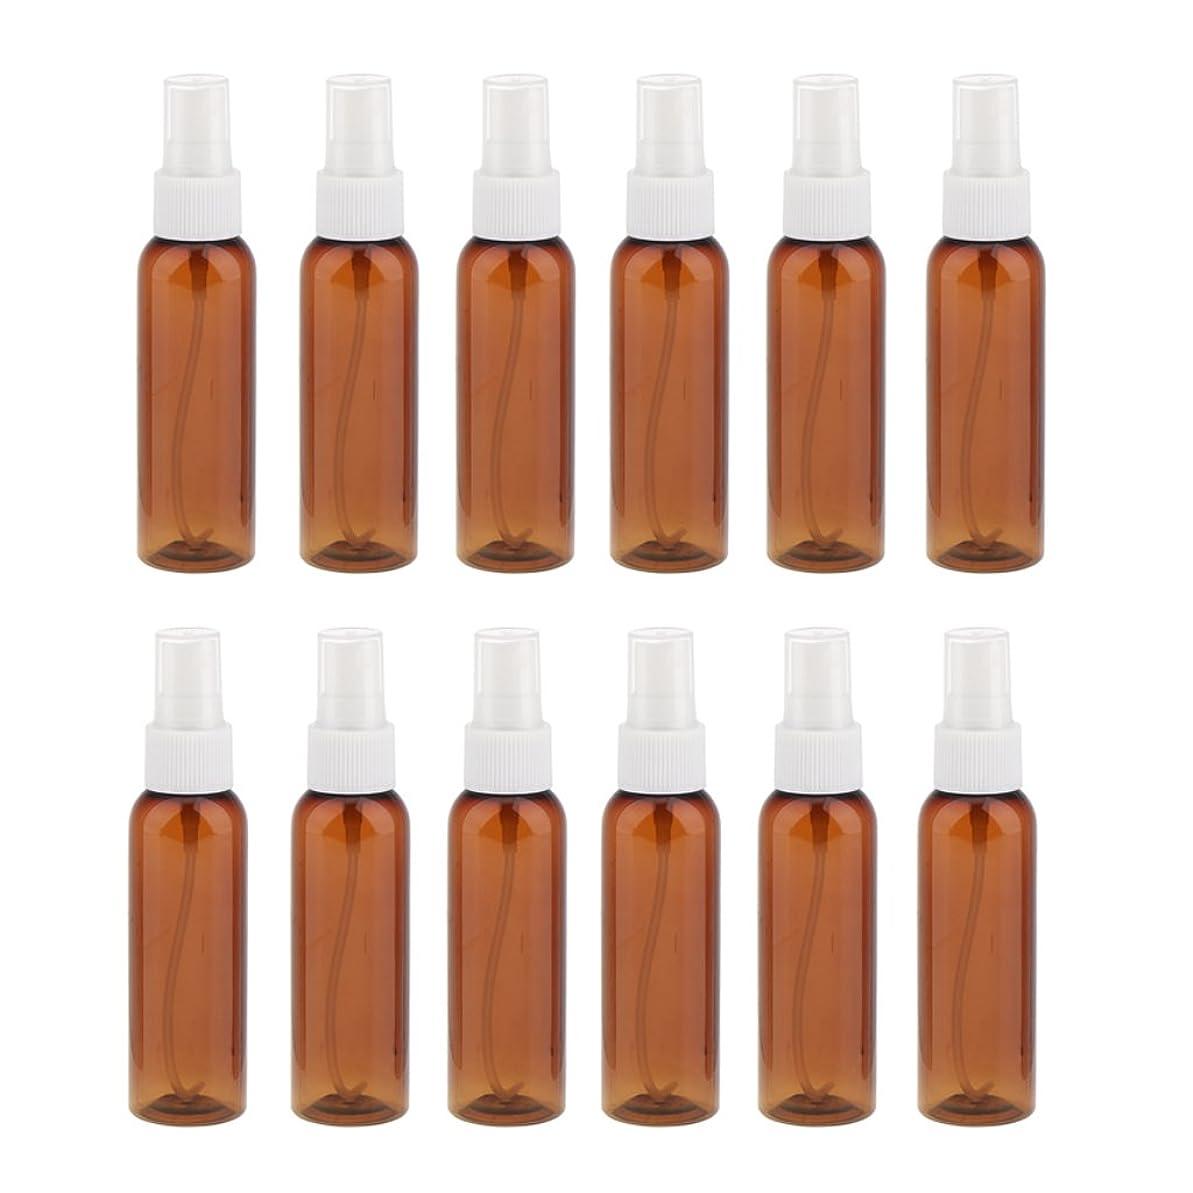 不規則性交流するあいまいPerfk お買い得!詰め替え 旅行 便携 化粧品容器 コンセプト 空瓶 スプレーボトル 漏れ防止 60ml 12本 全3色 - 白